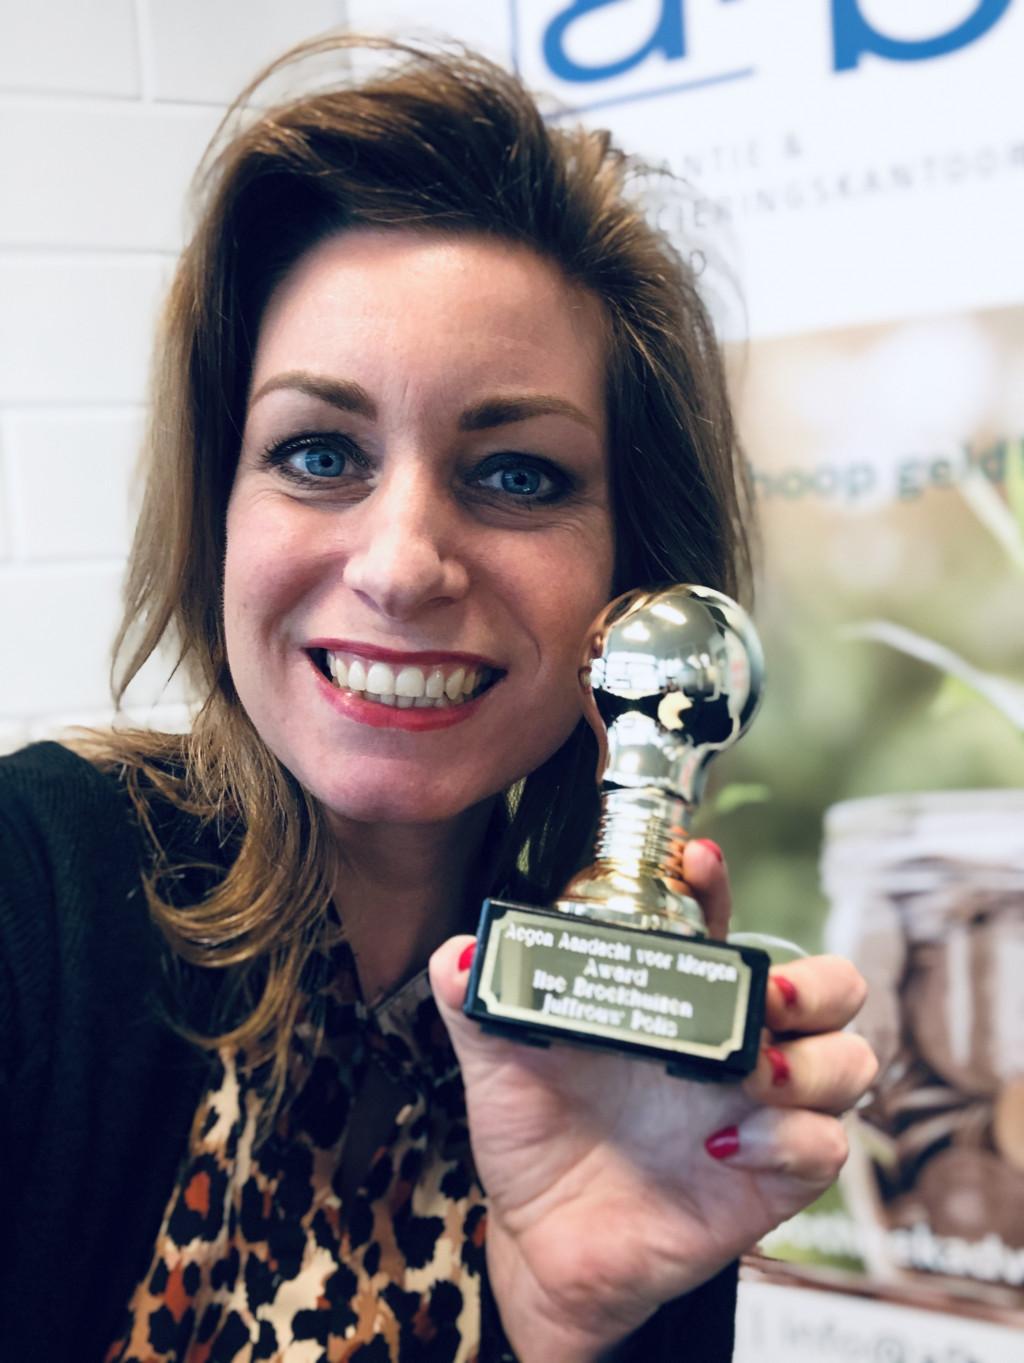 Ilse Broekhuizen met haar prijs.